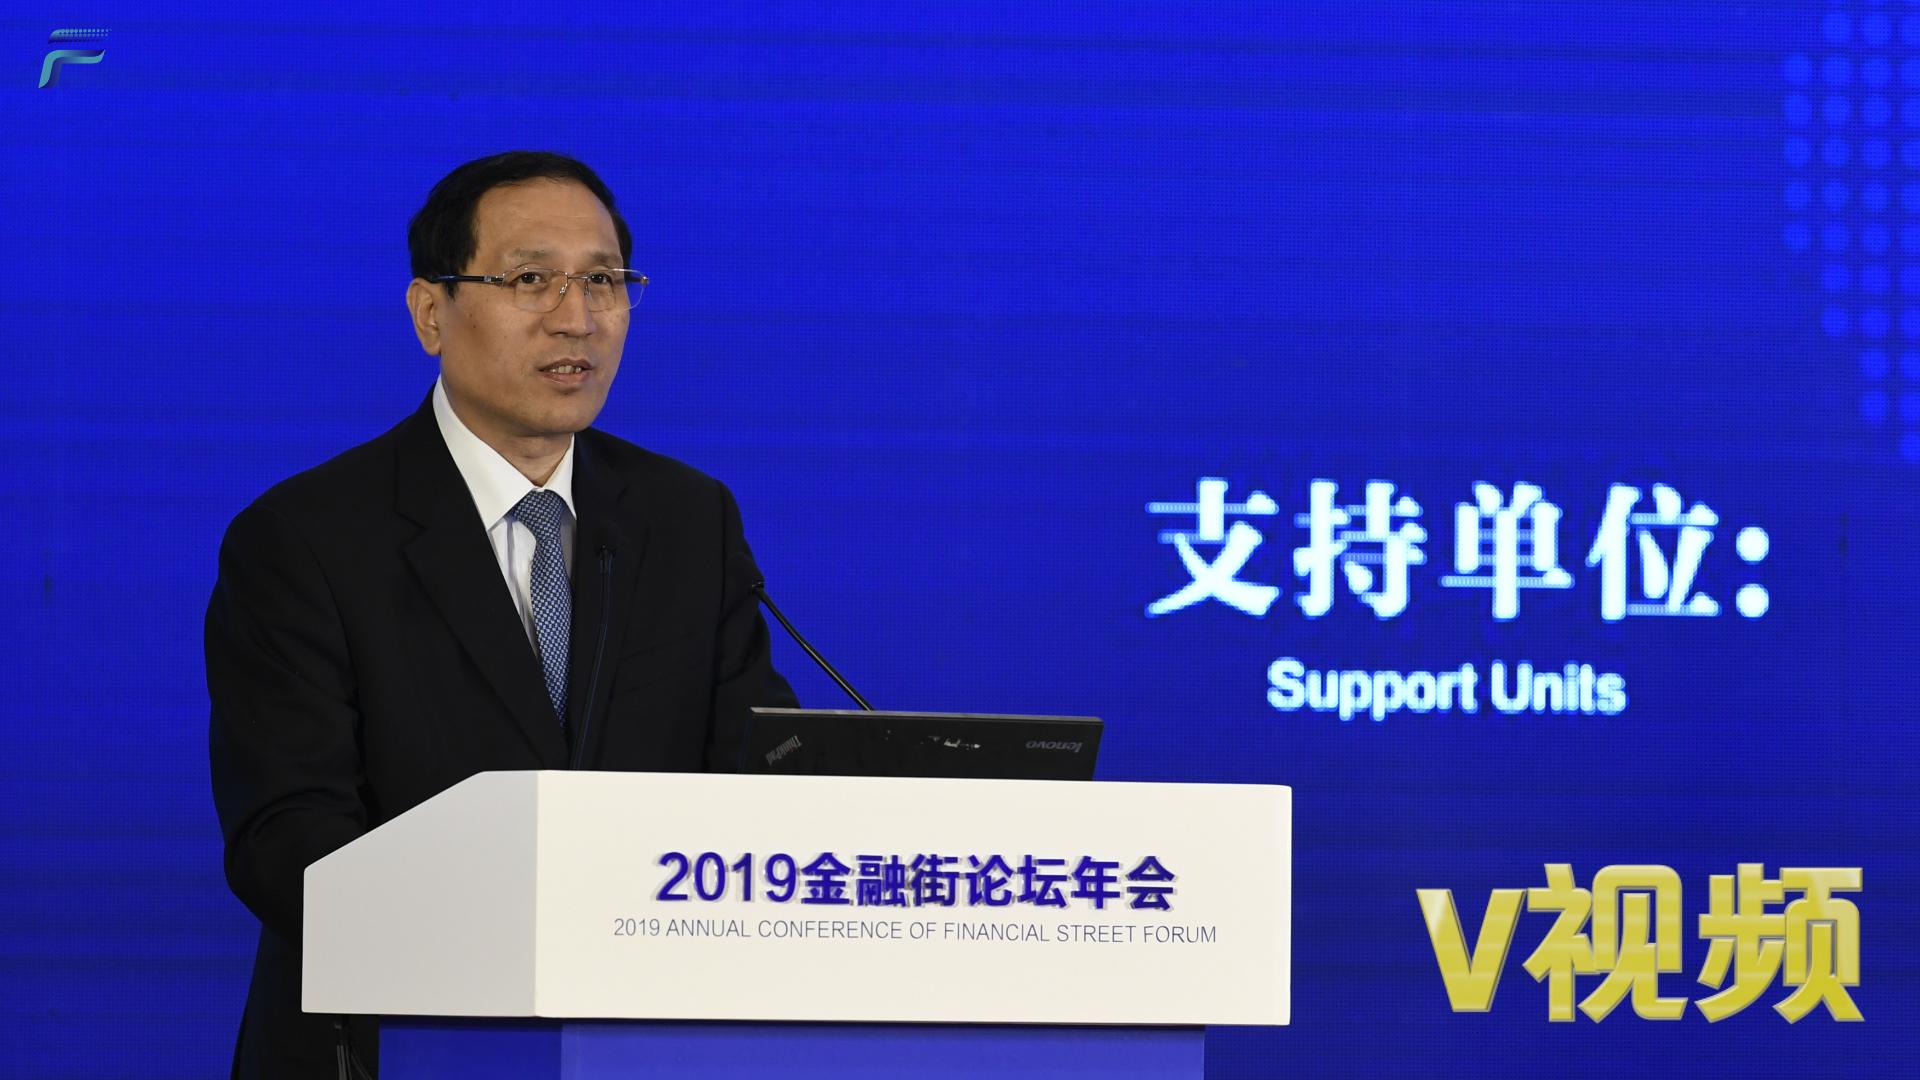 郑之杰:未来开发性金融在全球金融治理中的作用只会加强